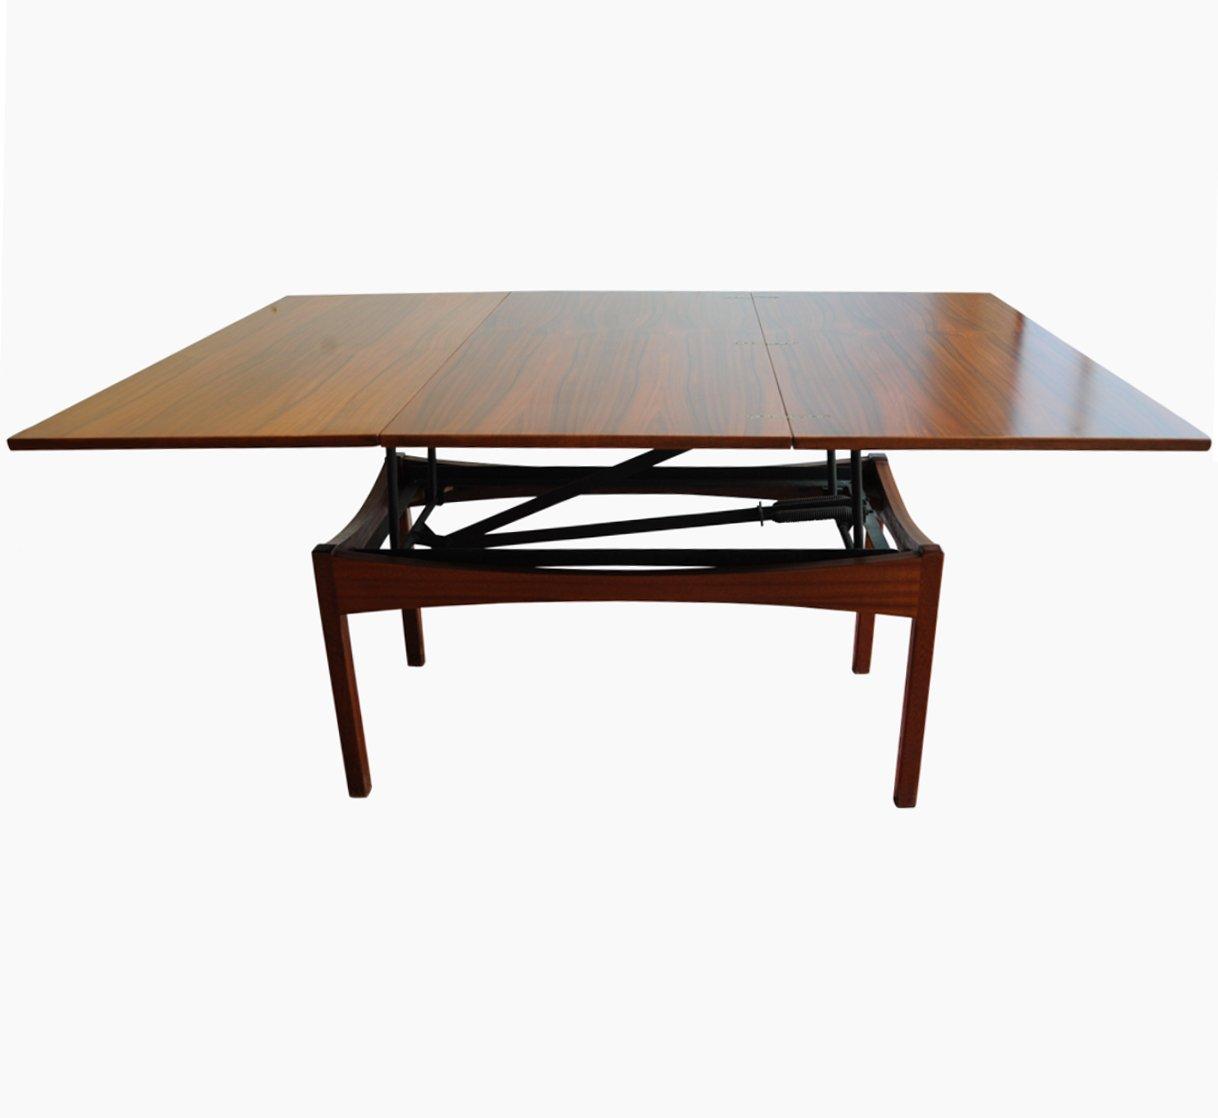 H henverstellbarer vintage palisander couch oder esstisch for Esstisch palisander